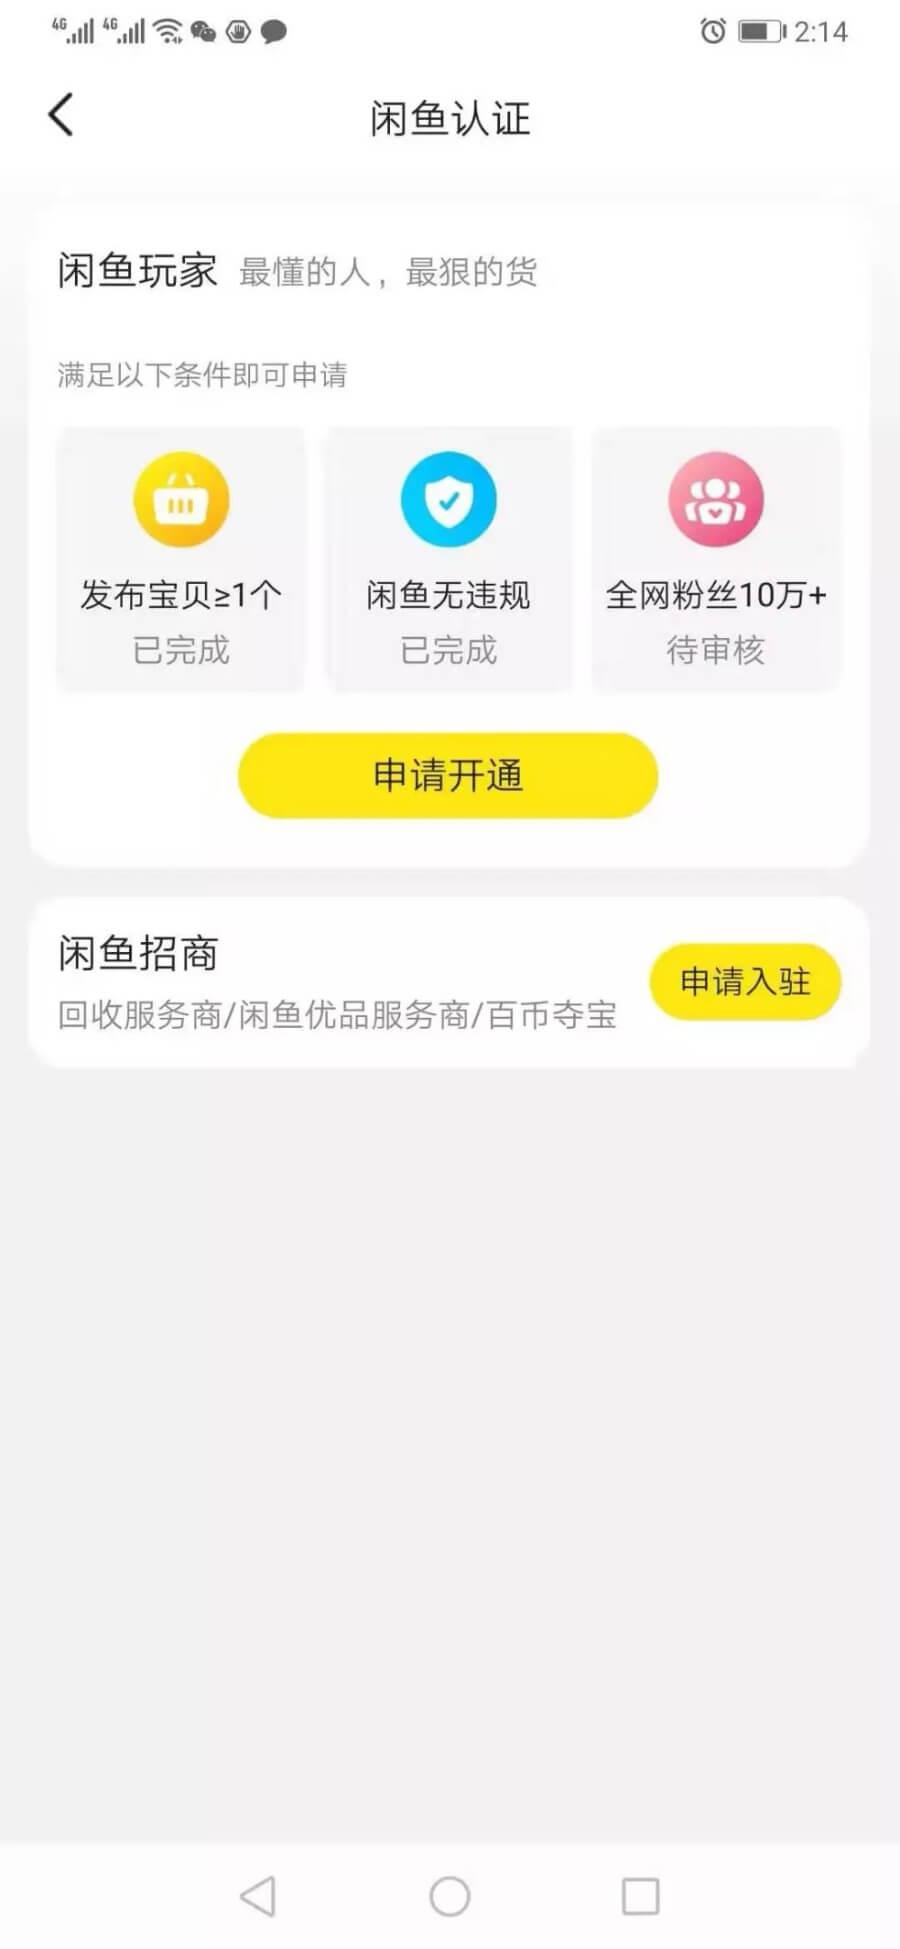 揭秘:闲鱼免费送日赚1000+的套路!